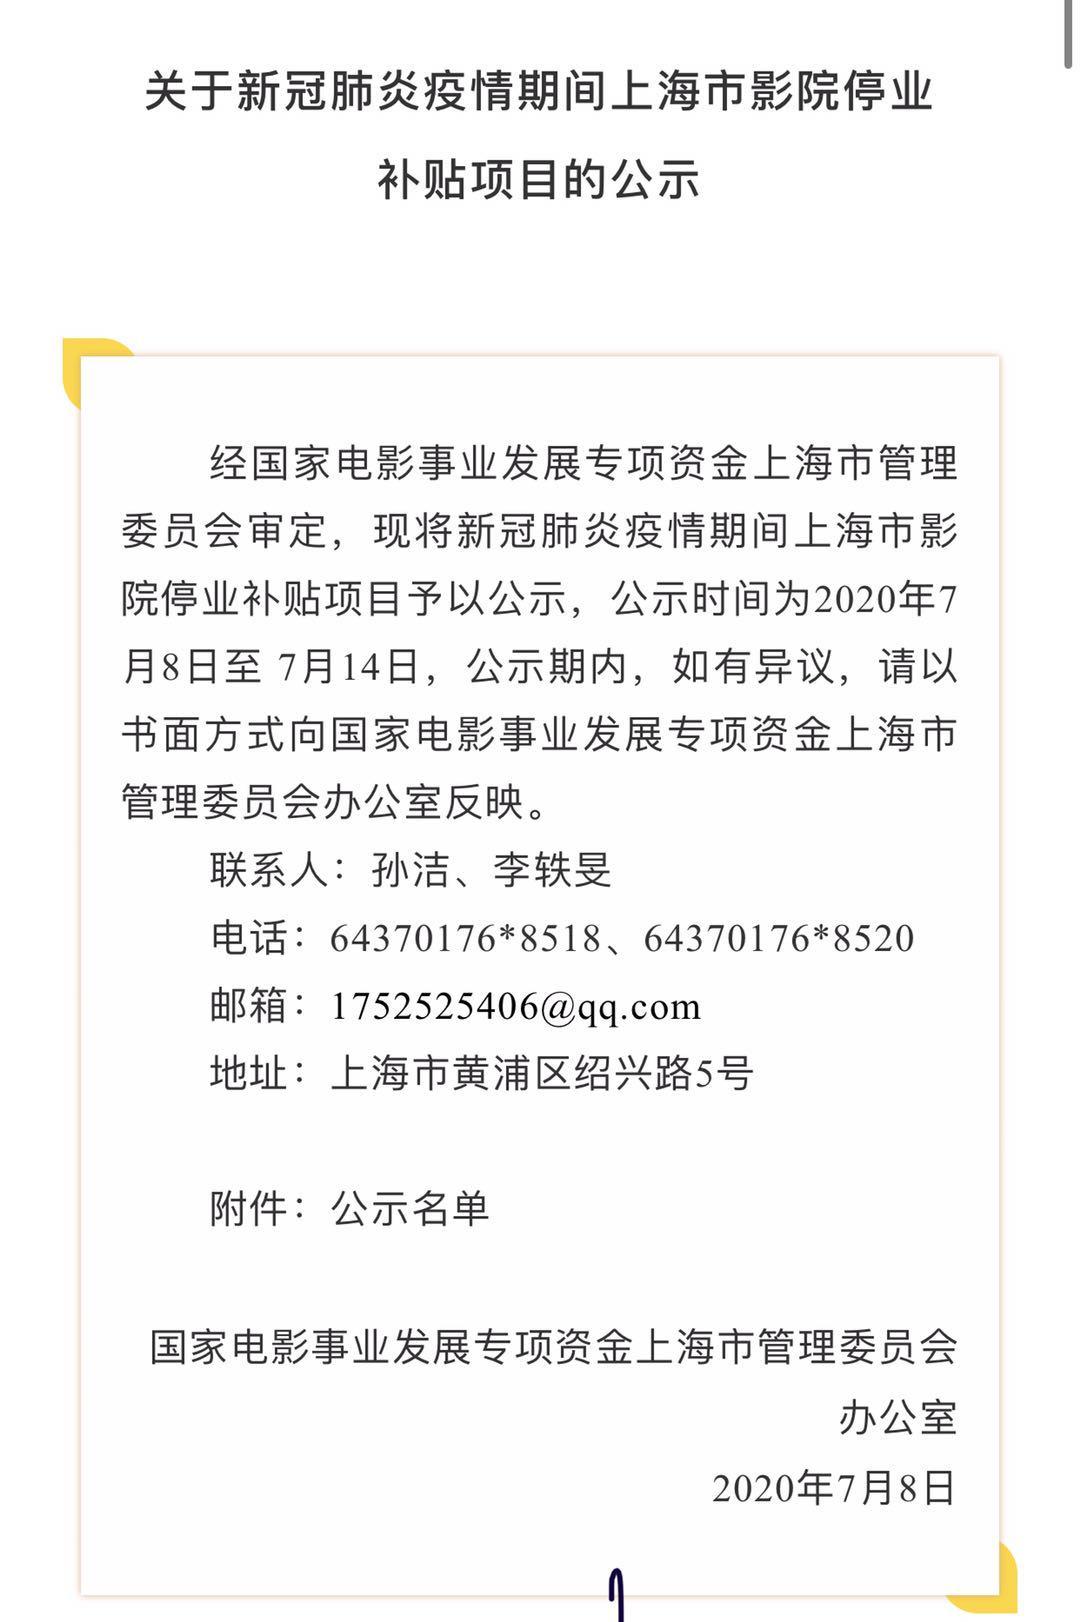 联博以太坊:上海市影戏局发放1800万元补助 惠及345家影院